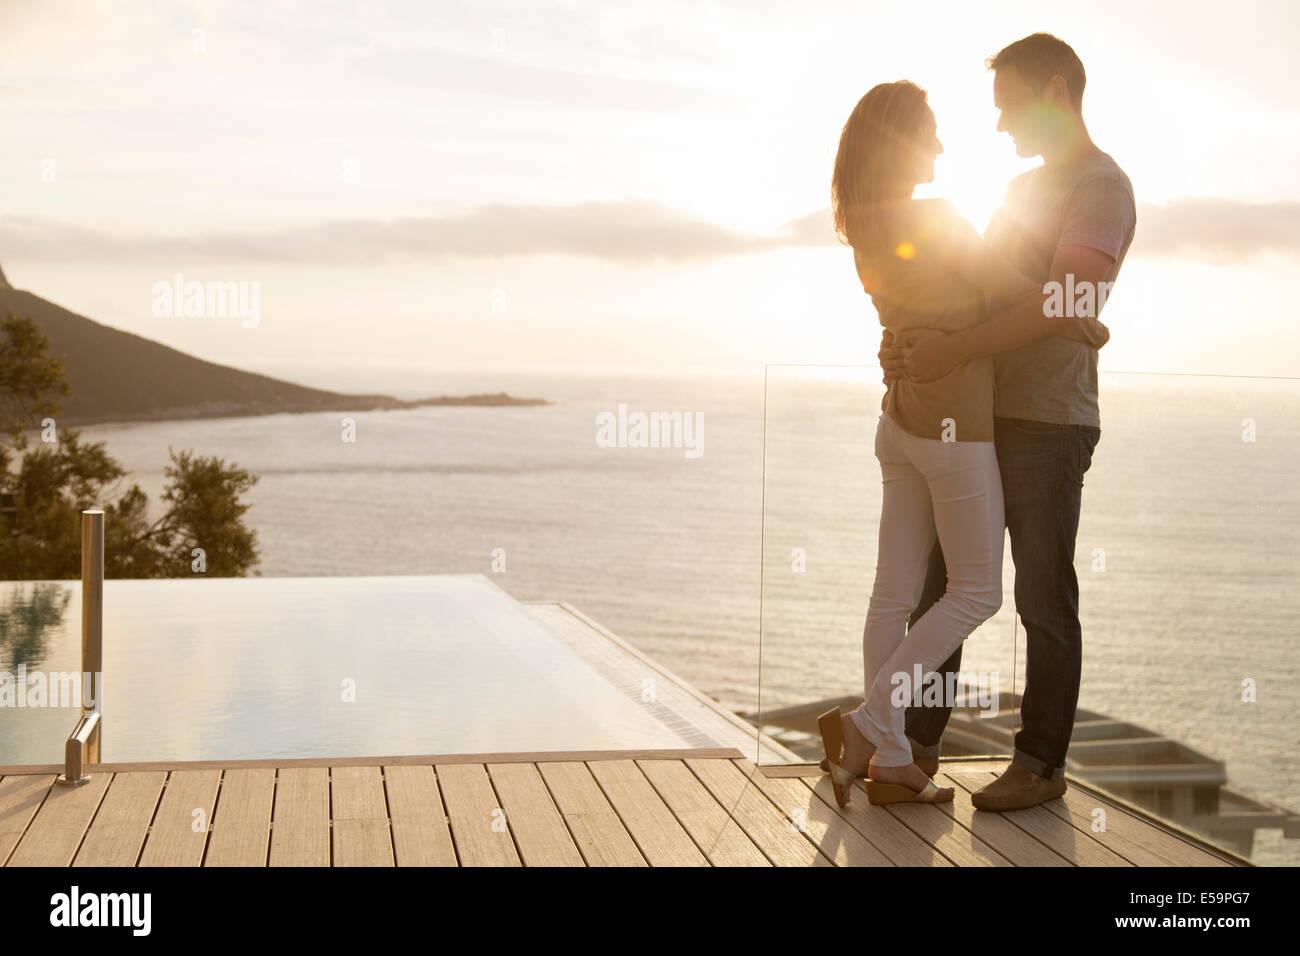 Couple sur une terrasse en bois donnant sur l'océan Photo Stock